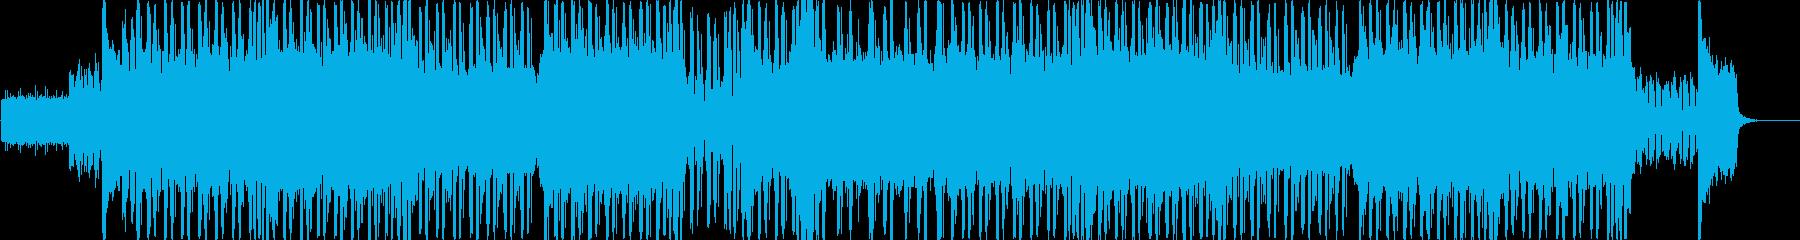 ギターとシンセがゴリゴリなドラムンベースの再生済みの波形